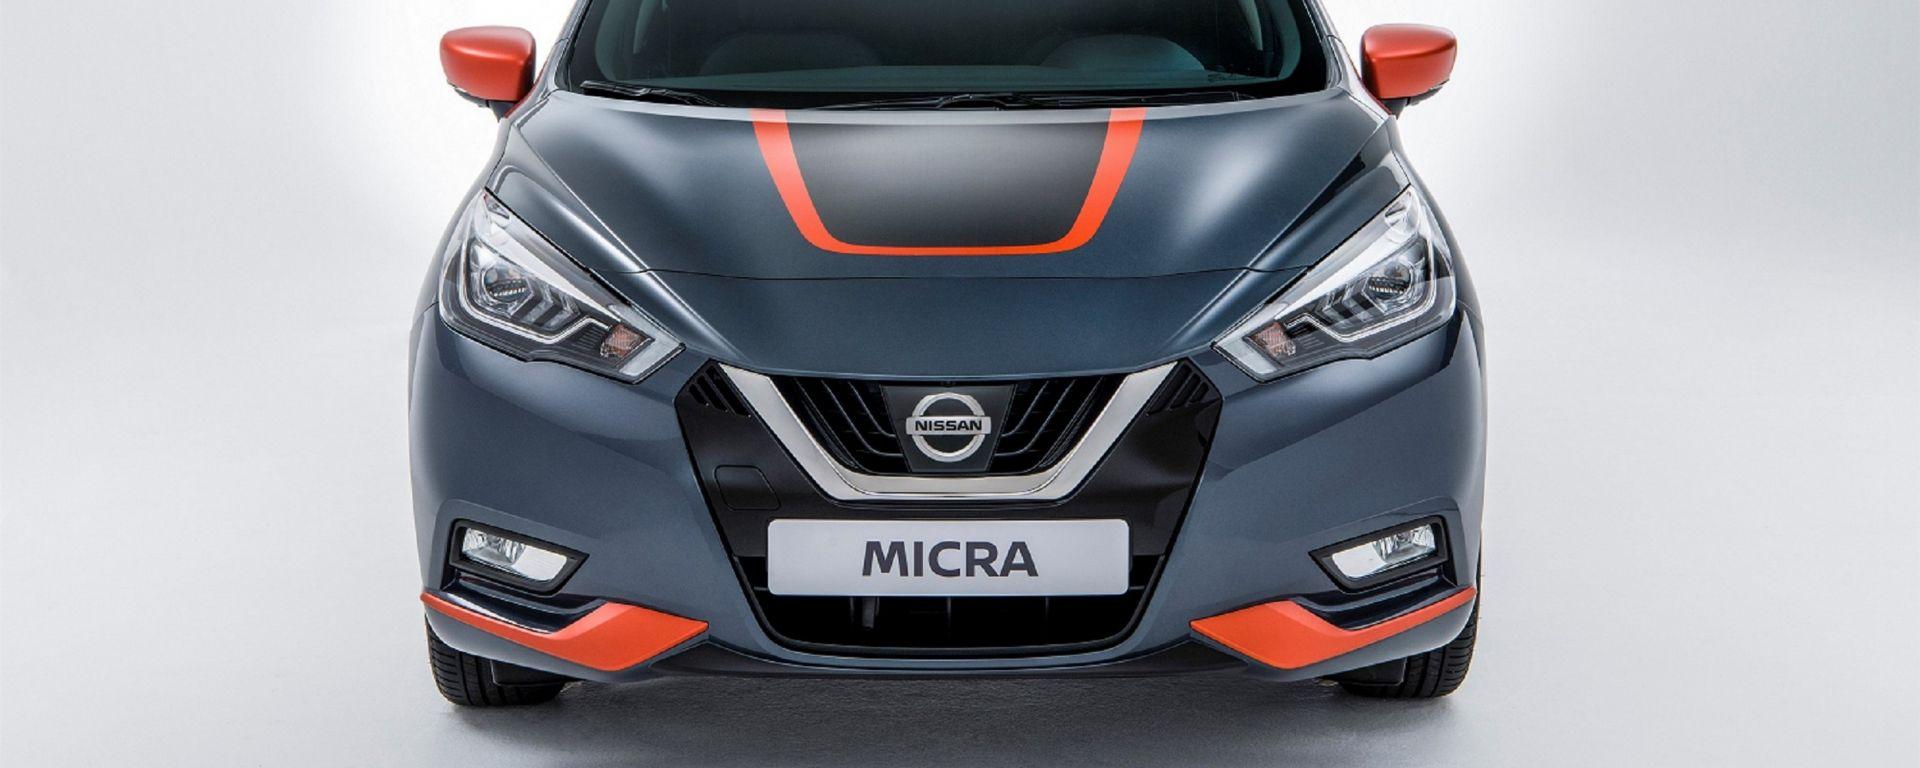 Nuova Nissan Micra: personalizzata piace di più